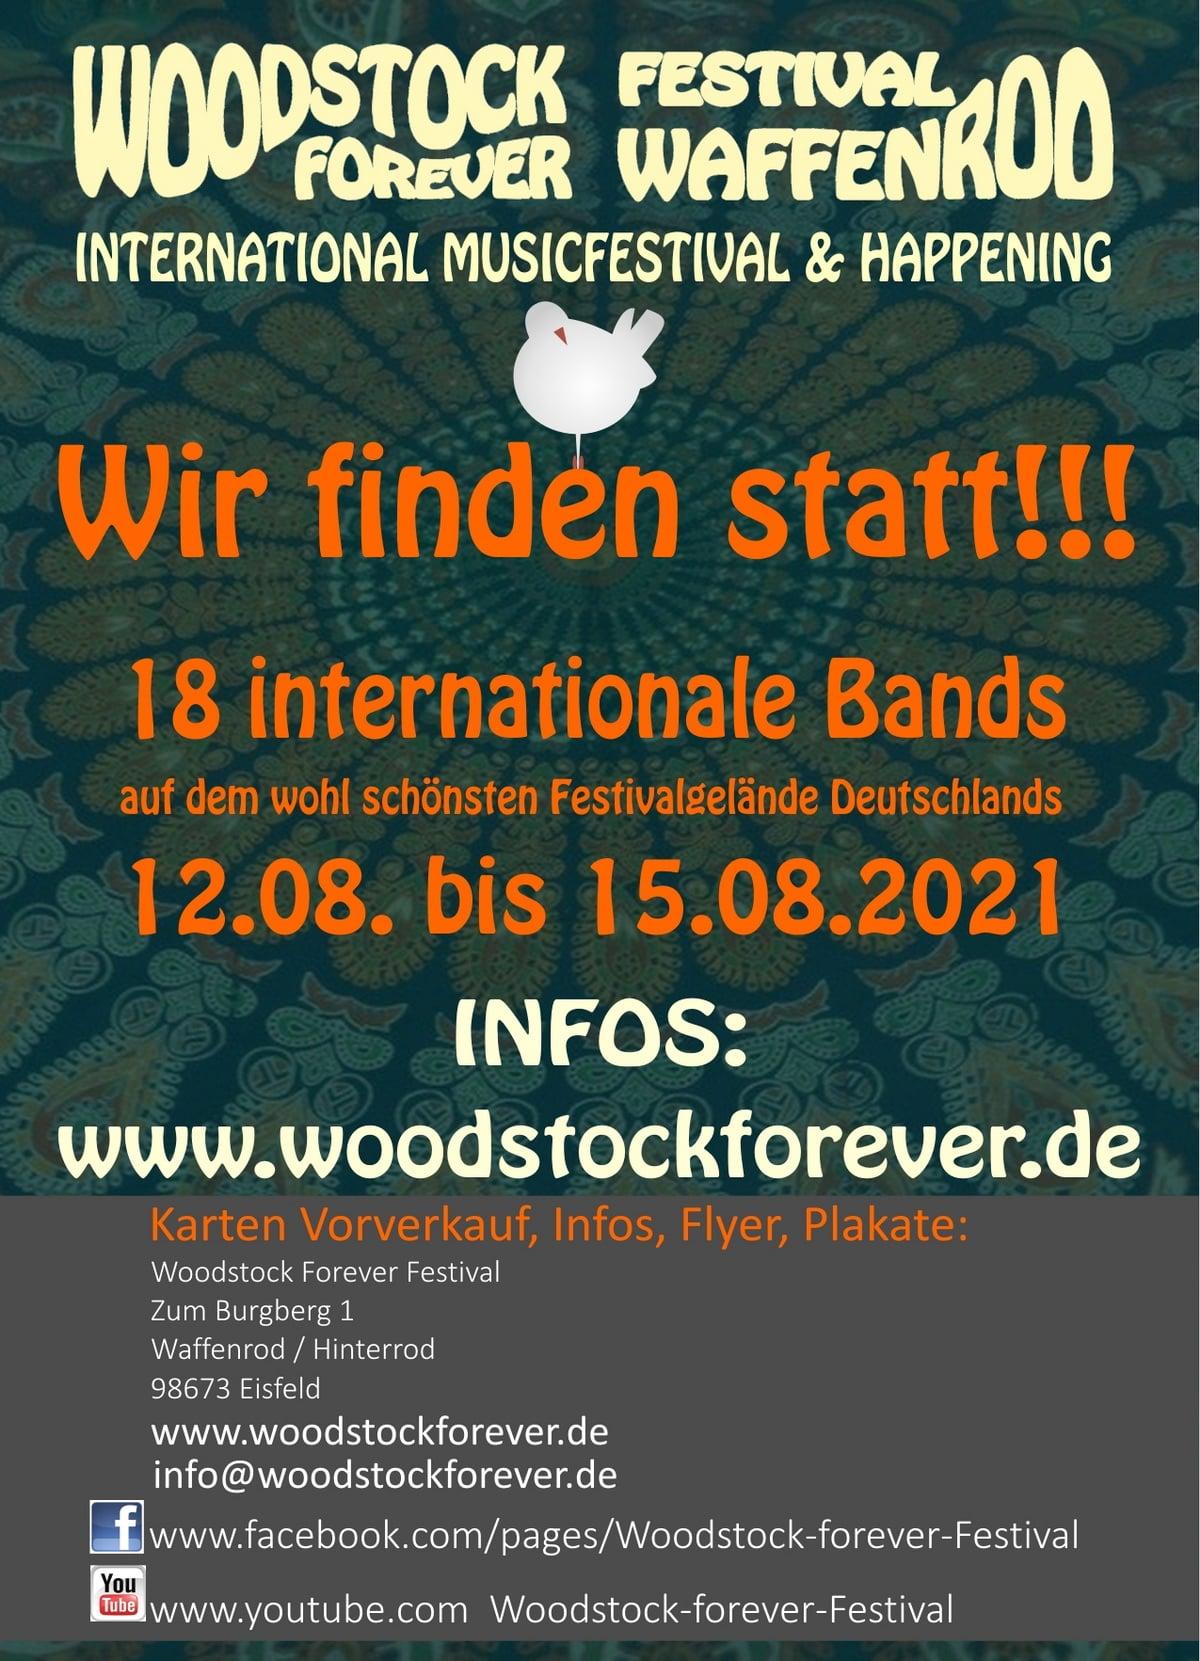 Woodstock Forever Festival 2021